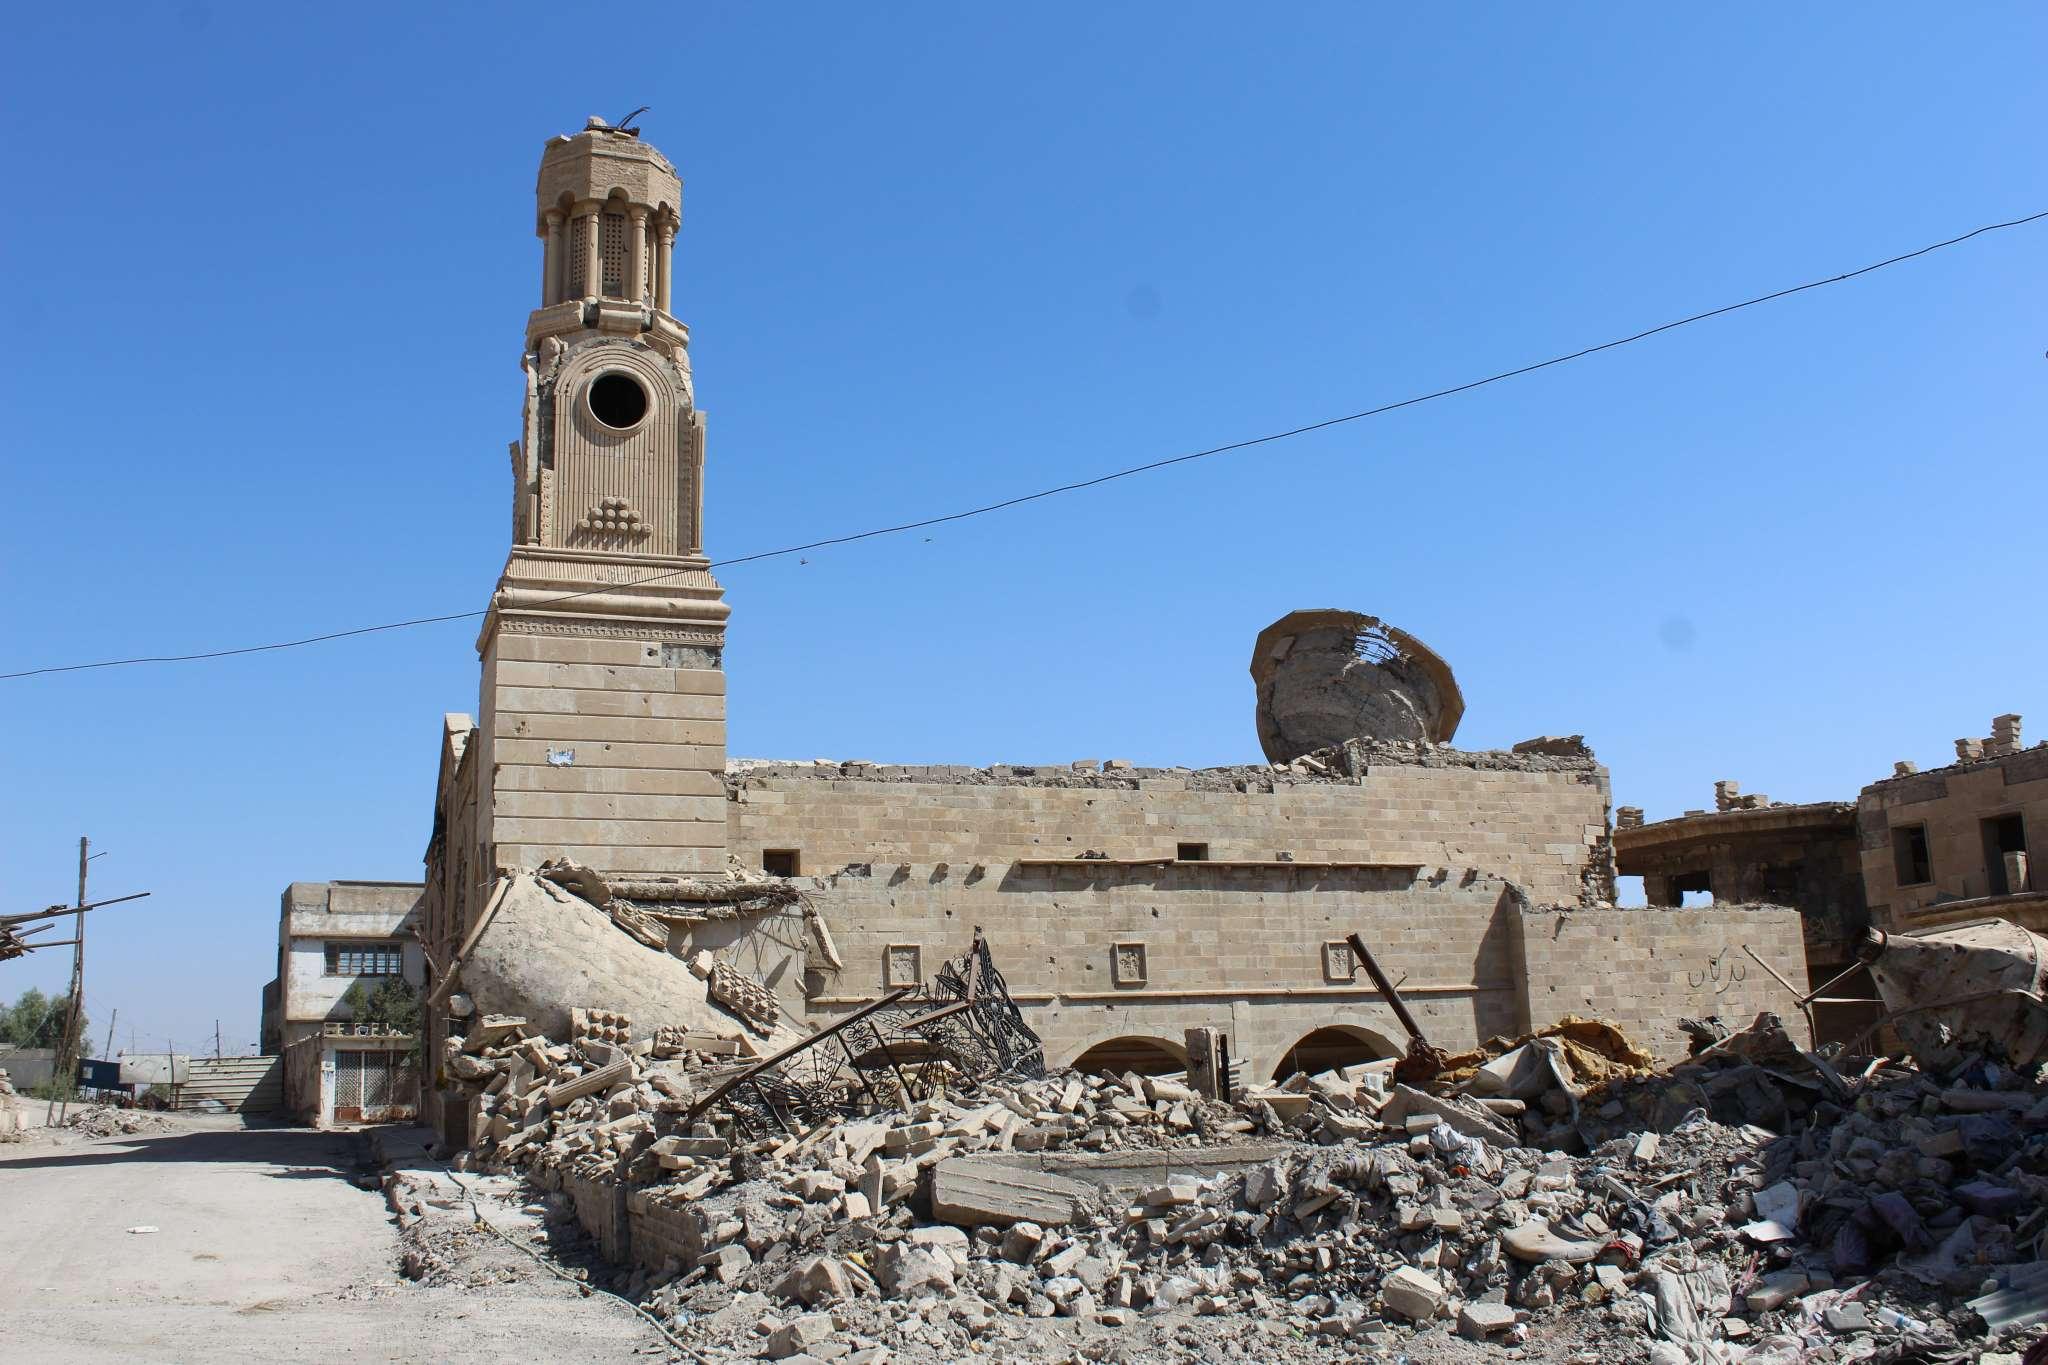 Irak: Dos años después de la liberación de Mosul, los cristianos todavía sienten temor de regresar